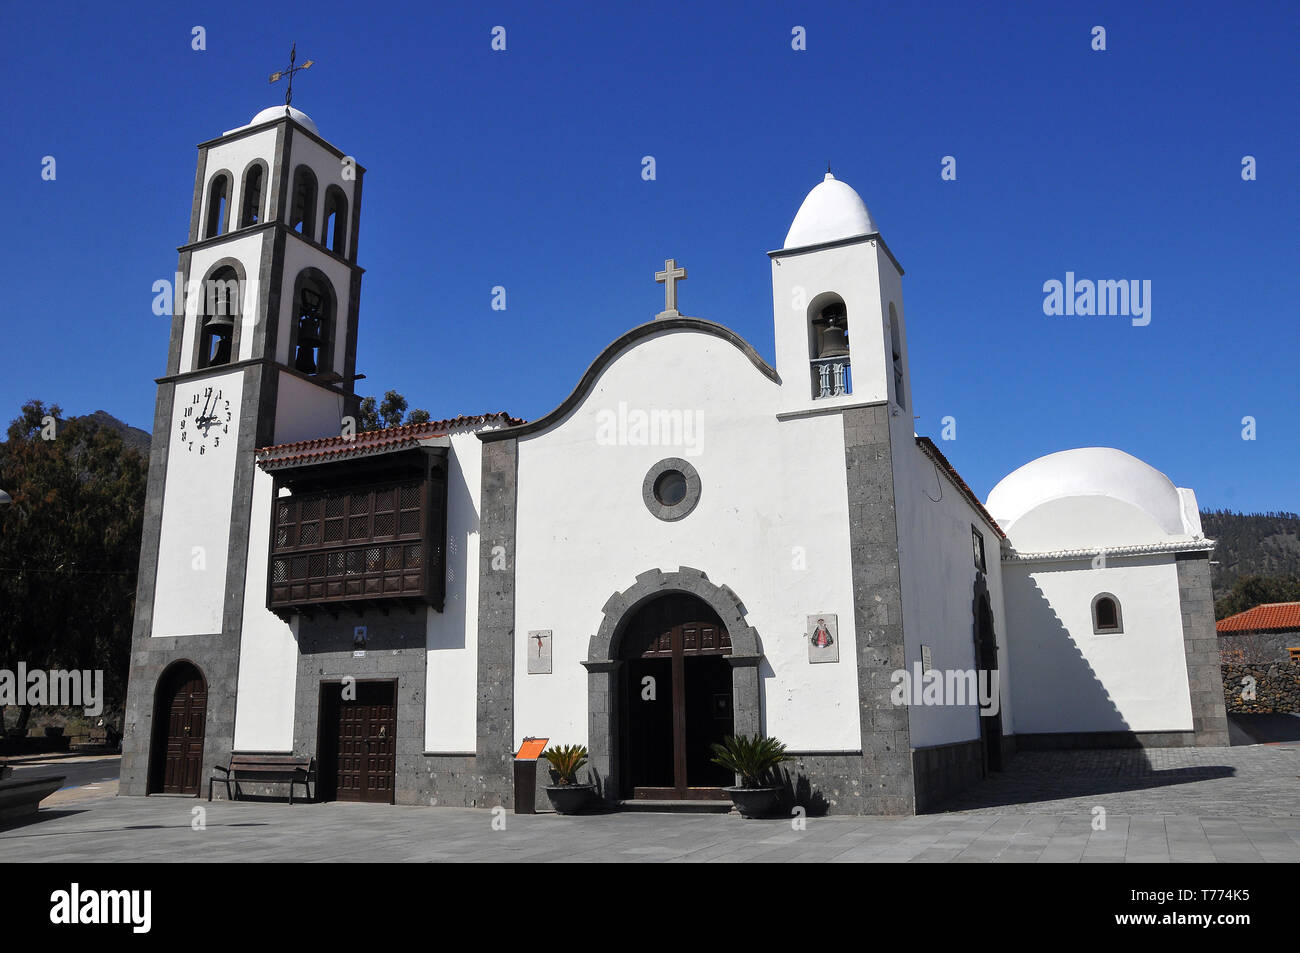 Kirche in Santiago del Teide, Teneriffa, Kanarische Inseln, Spanien Stockbild